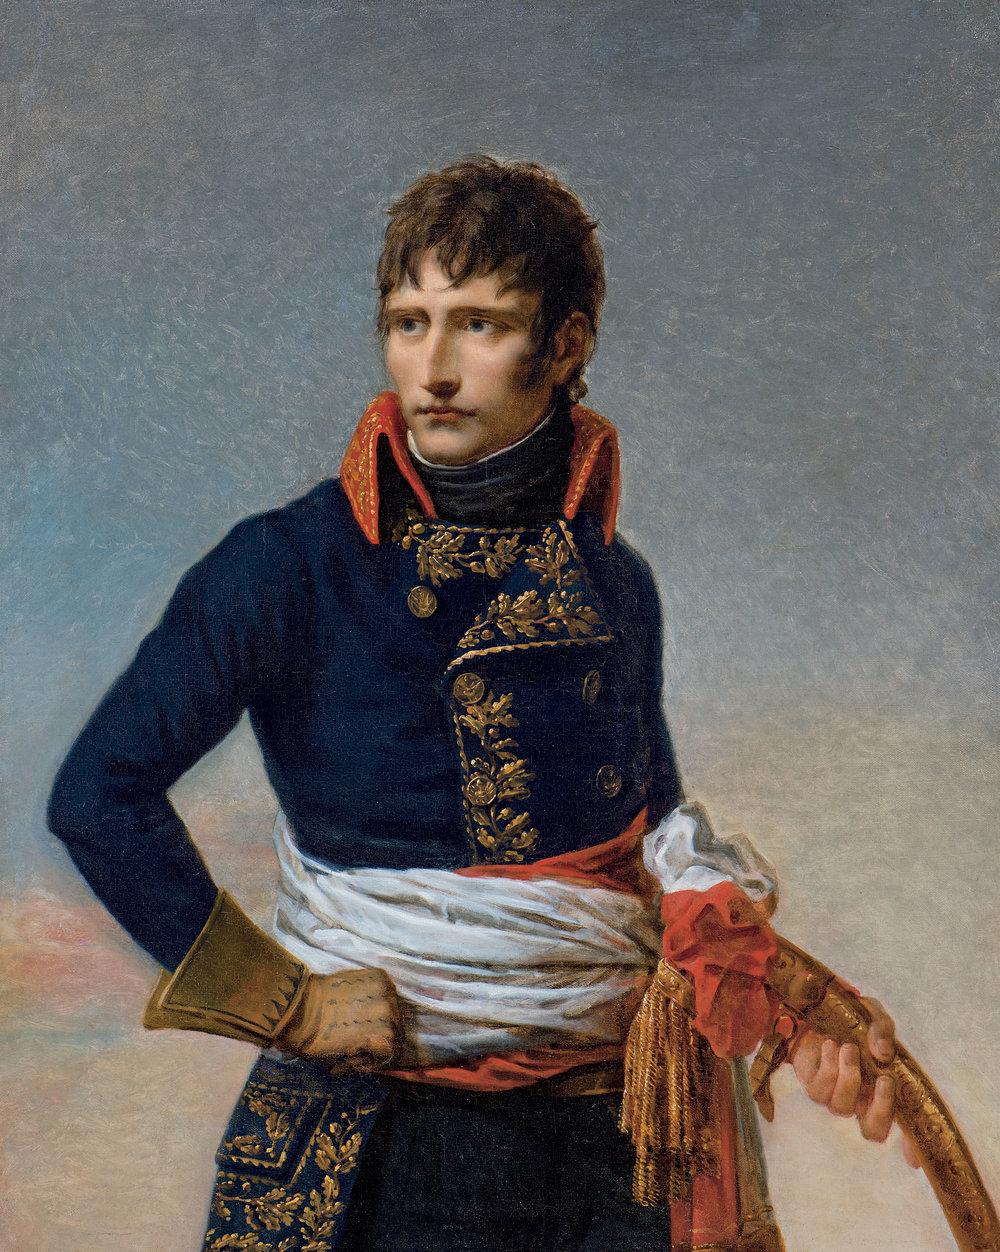 Portrait de Napoléon Bonaparte, Premier consul, en uniforme de général de l'Armée d'Italie, de Andrea Appiani, 1801,óleo sobre tela. Montreal, colección particular. Fotografía MBAM, Christine Guest